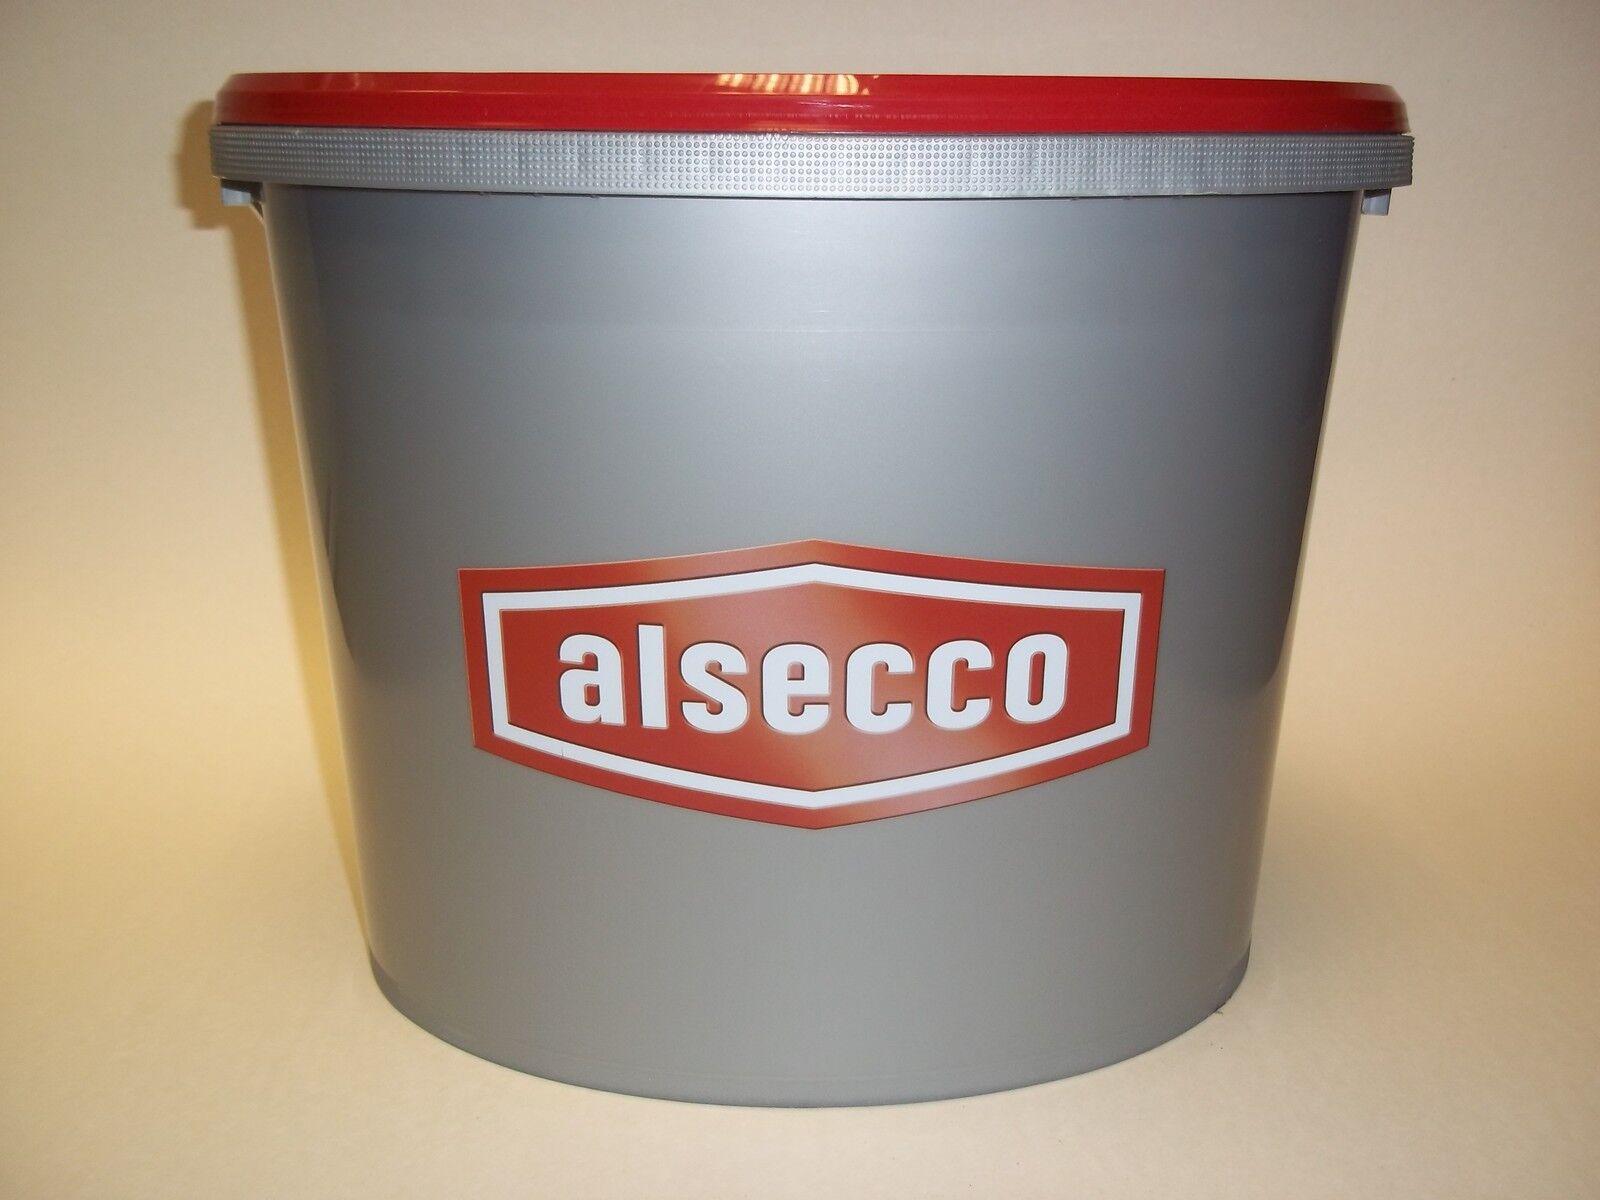 Alsecco Innenfarbe E.L.F. NGoldl Plus ab    L,stumpfmatt,weiß oder getönt